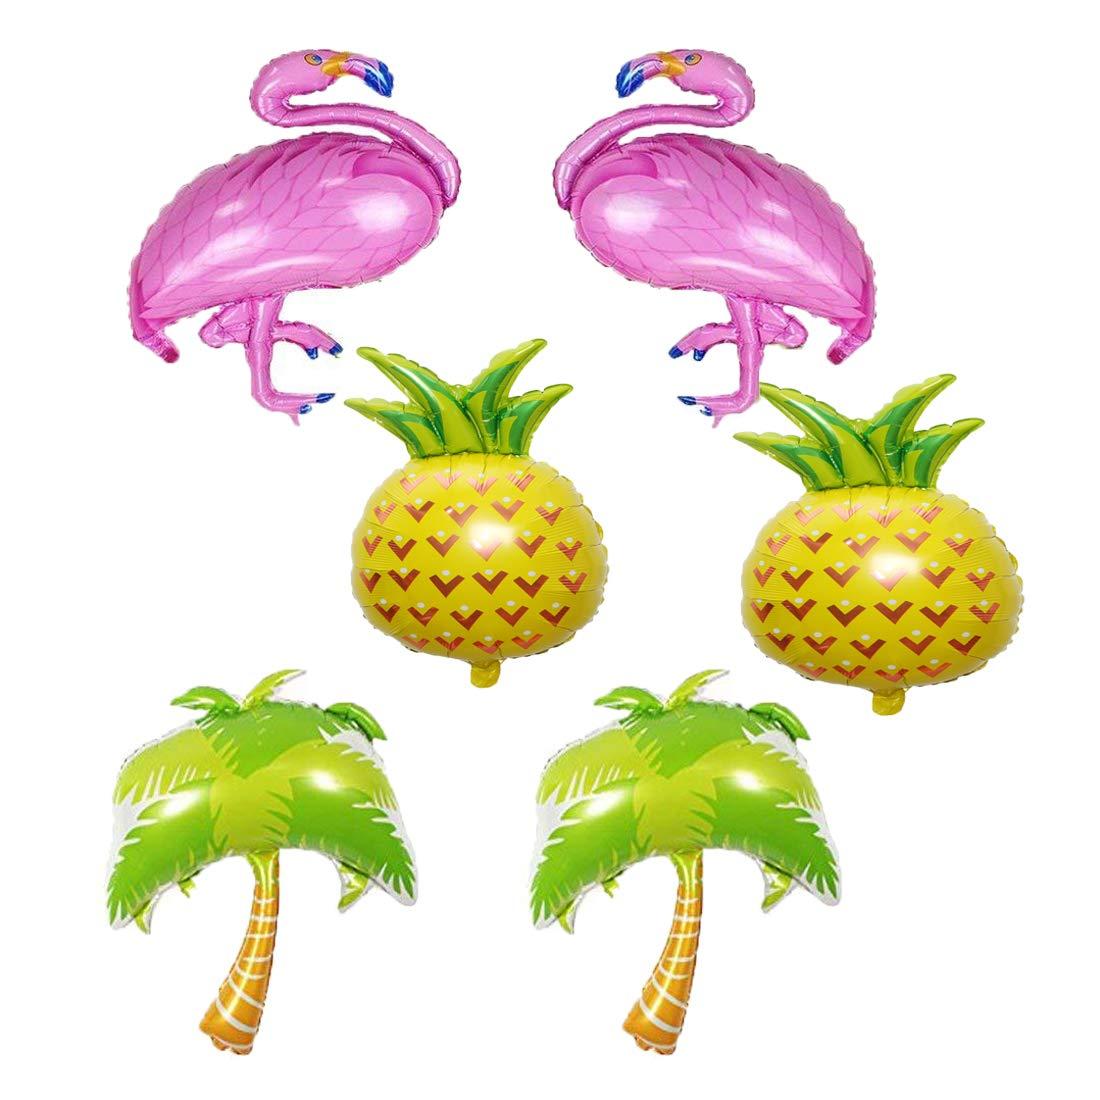 ビーチ夏トロピカルパーティーテーマフラミンゴとパイナップルバルーンPalm TreeマイラーのバルーンFlamingo and PineappleパーティーデコレーションパーティーにハワイアンFlamingo Party Supplies (Set of 6 )   B07F5VKPMG